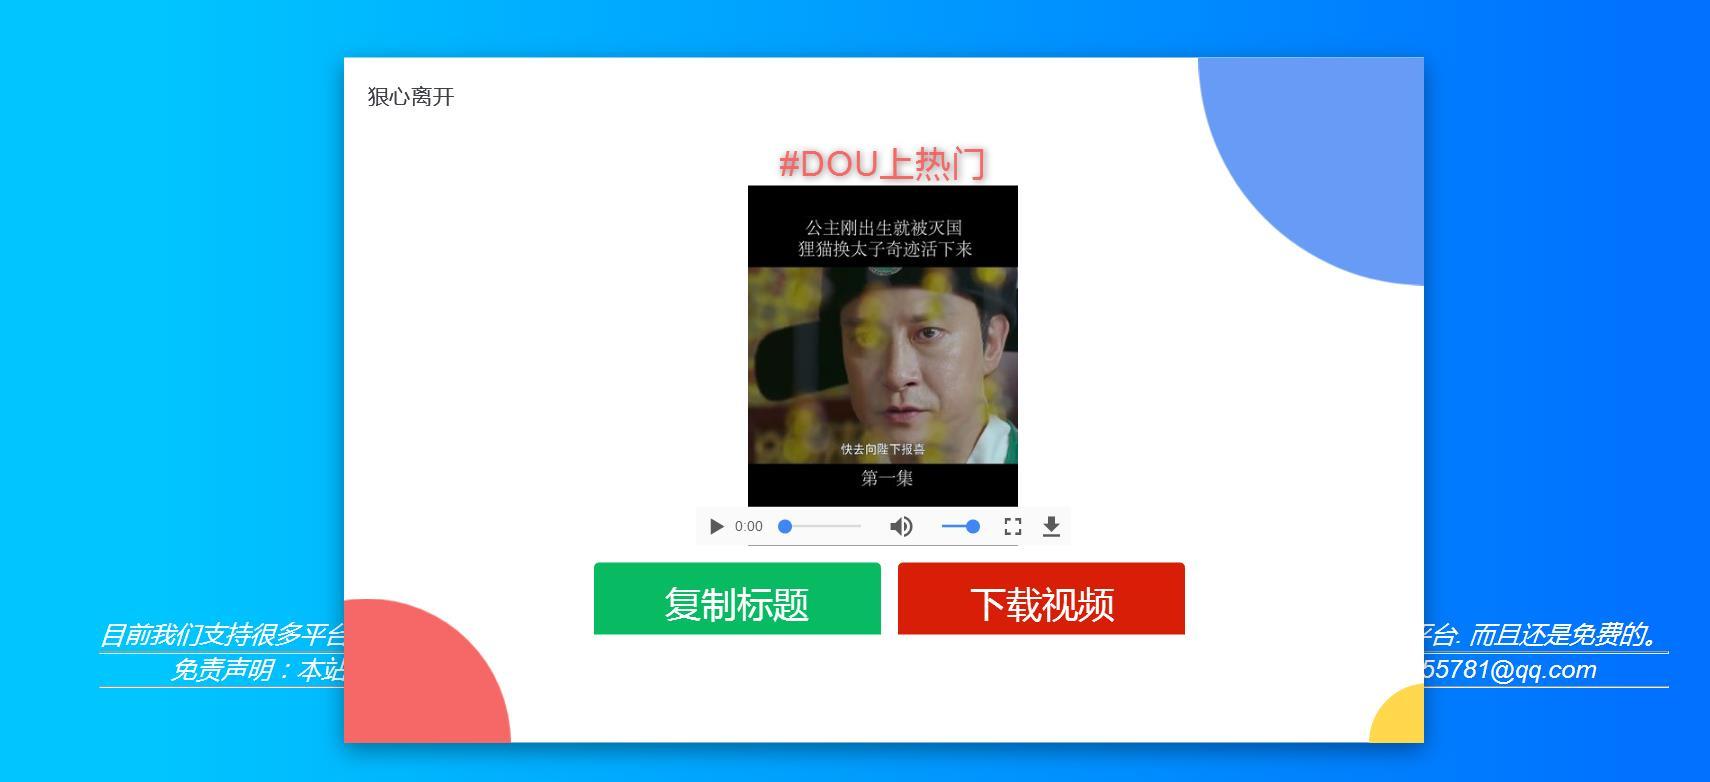 短视频去水印网站源码免API静态